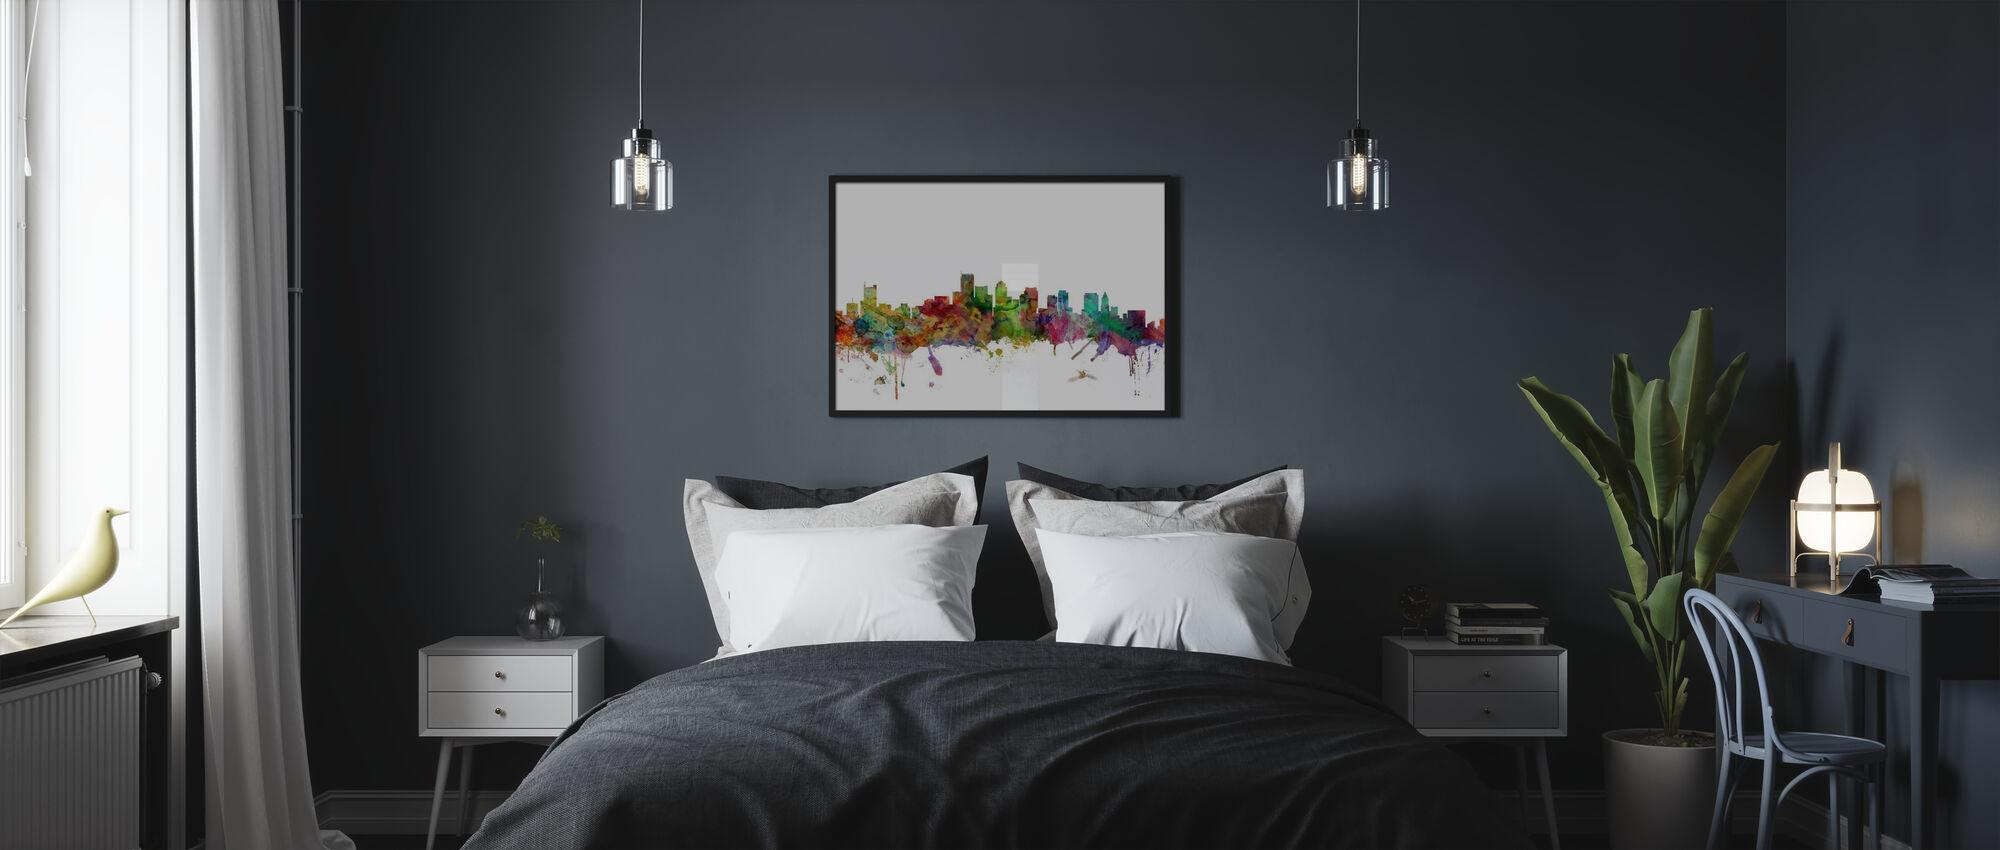 Boston Massachusetts Skyline - Framed print - Bedroom